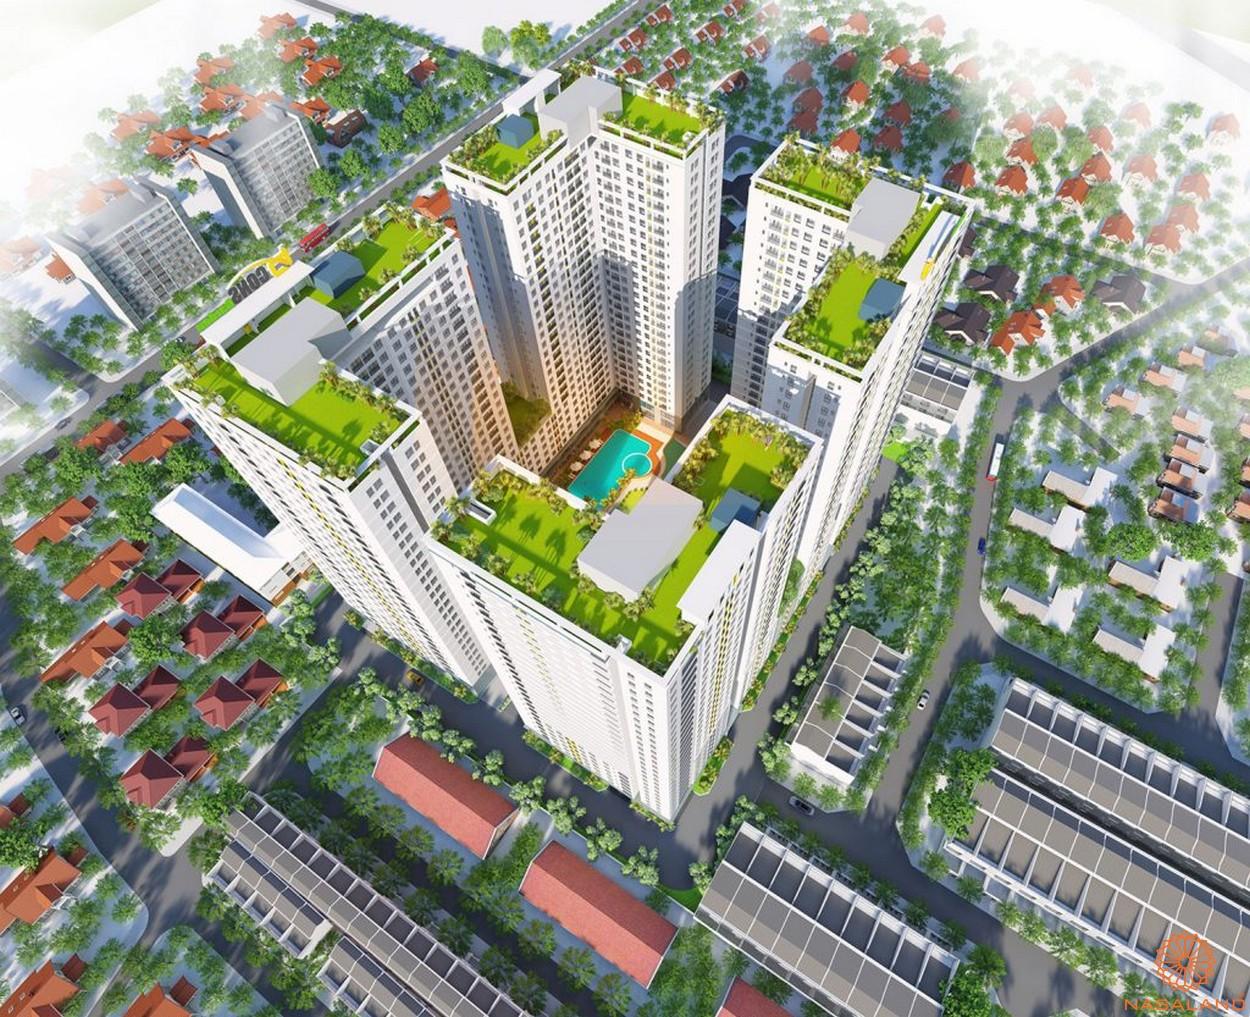 Phối cảnh tổng thể dự án căn hộ chung cư Bcons Garden Bình Dương